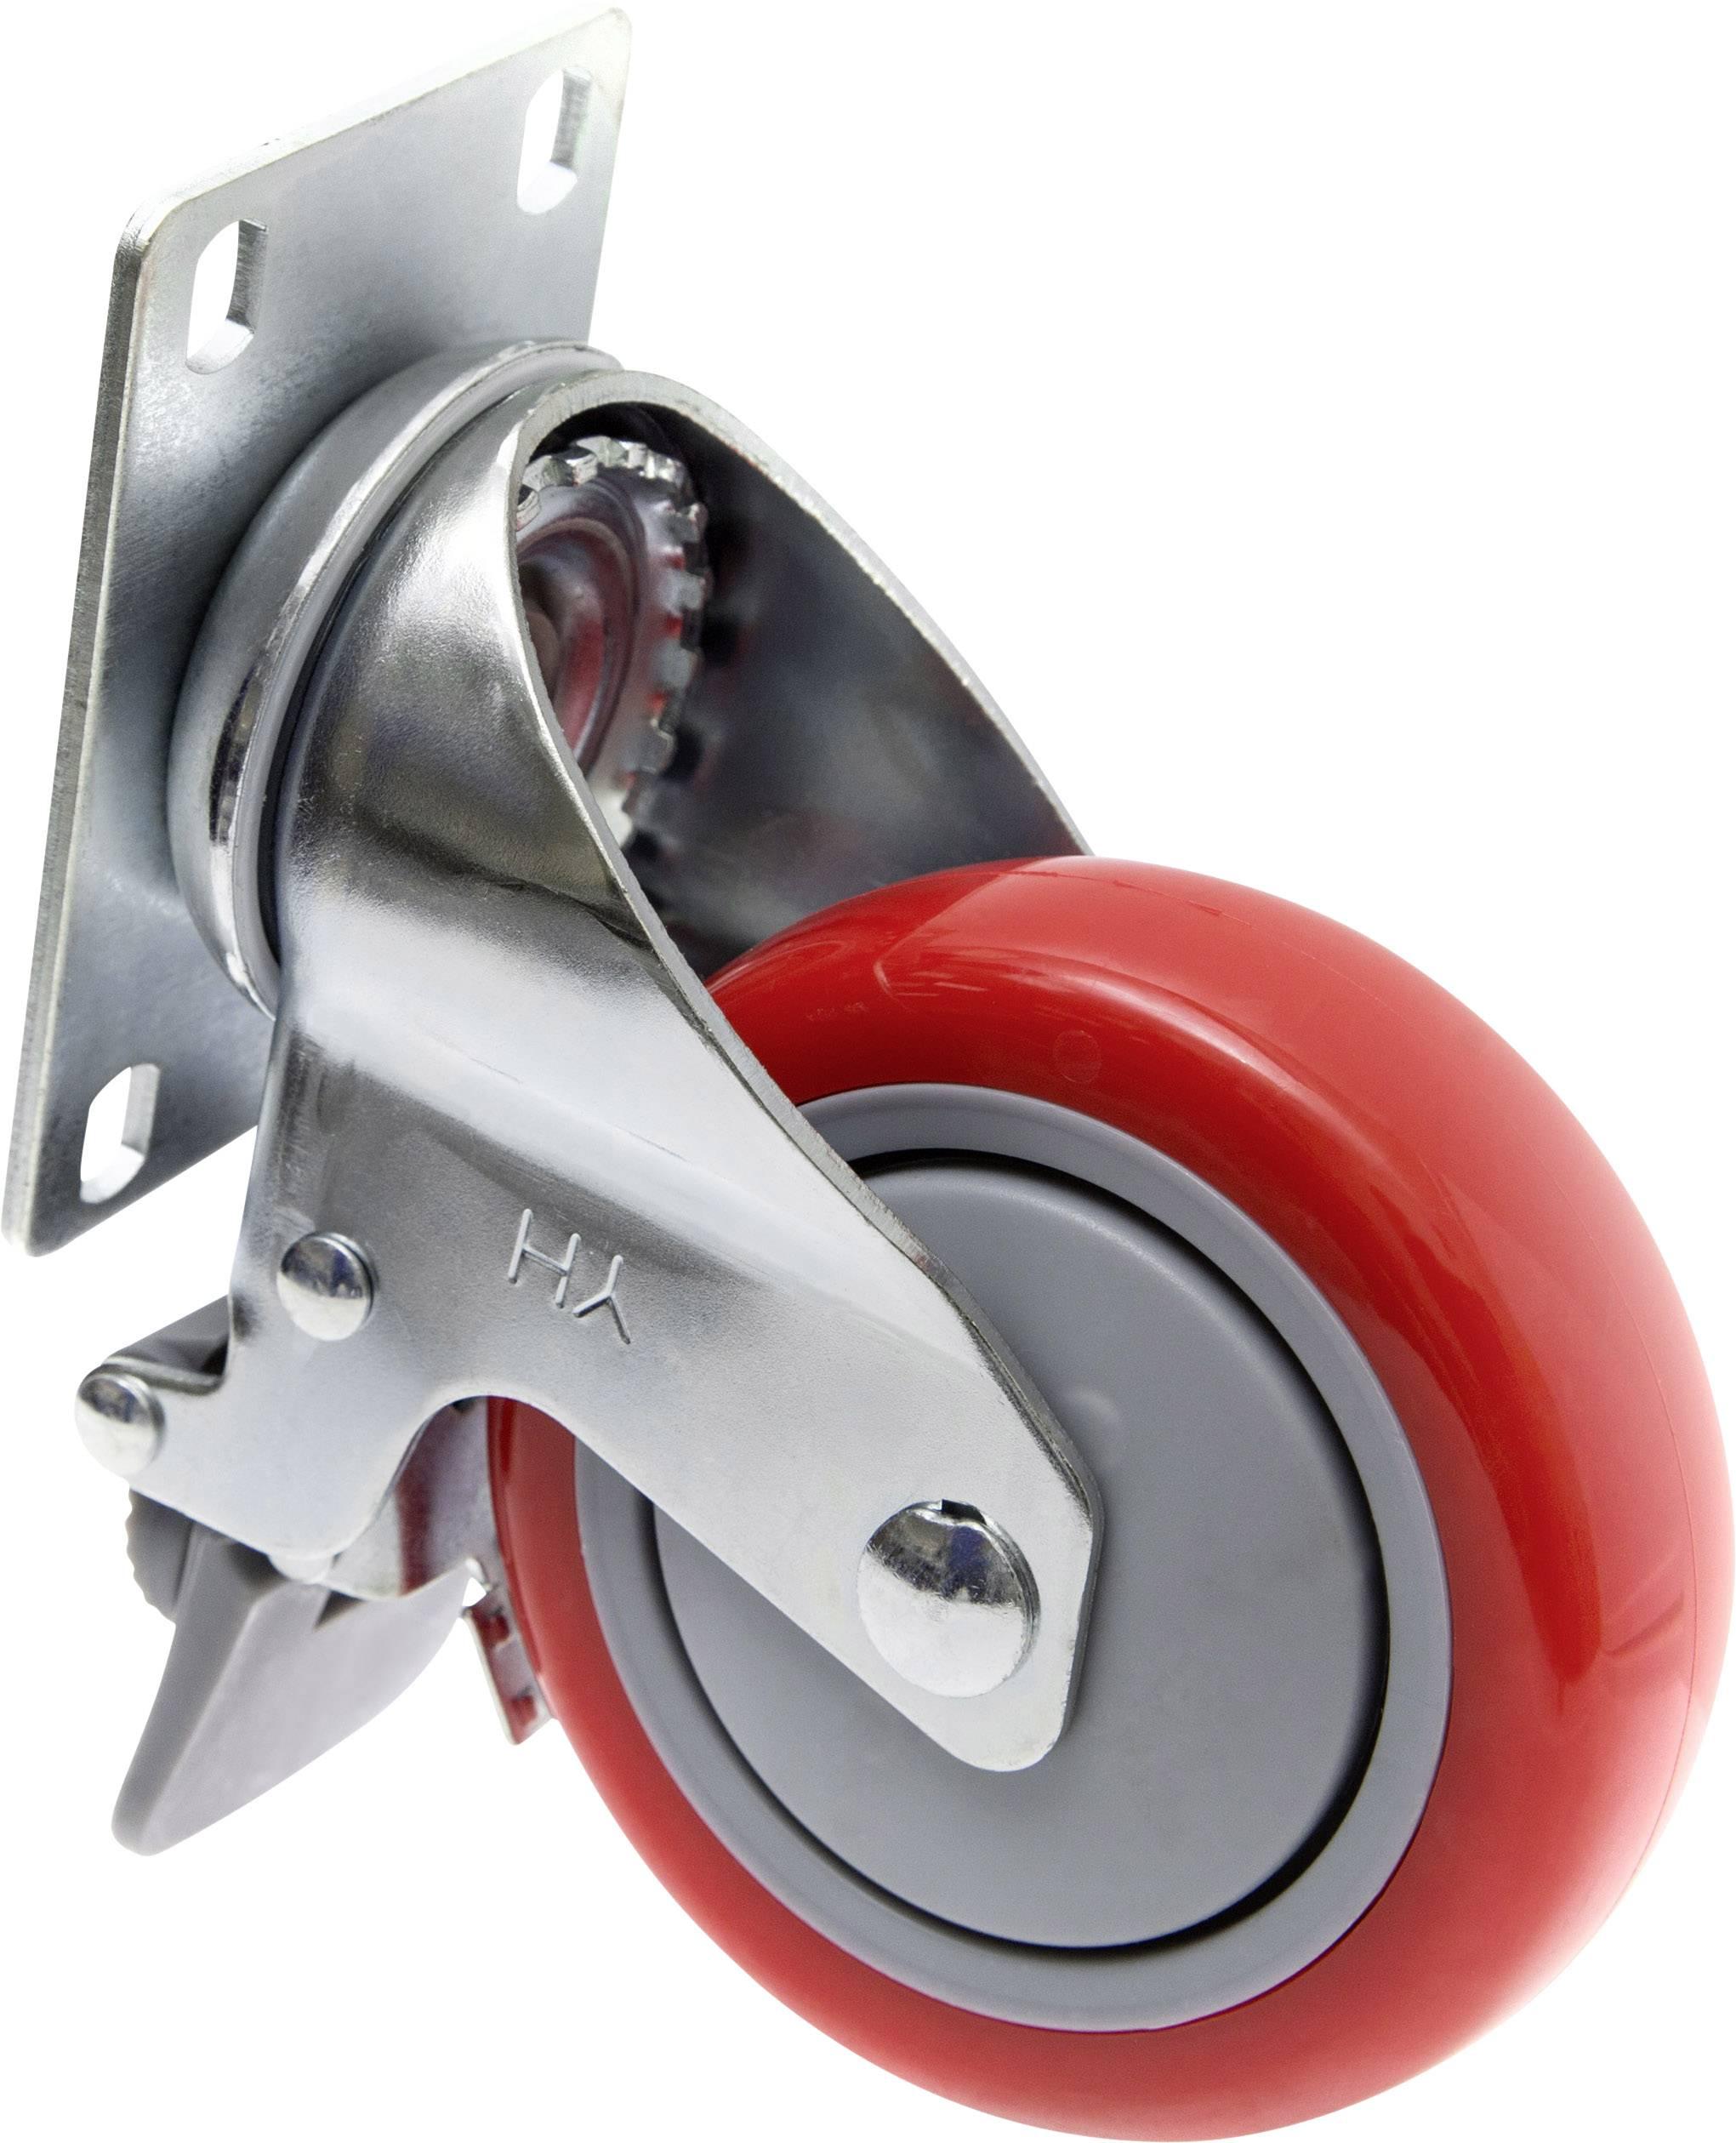 Achse Radsatz Luftrad 260 mm Fahrgestell 1200 mm Seifenkiste Bollerwagen Rolle